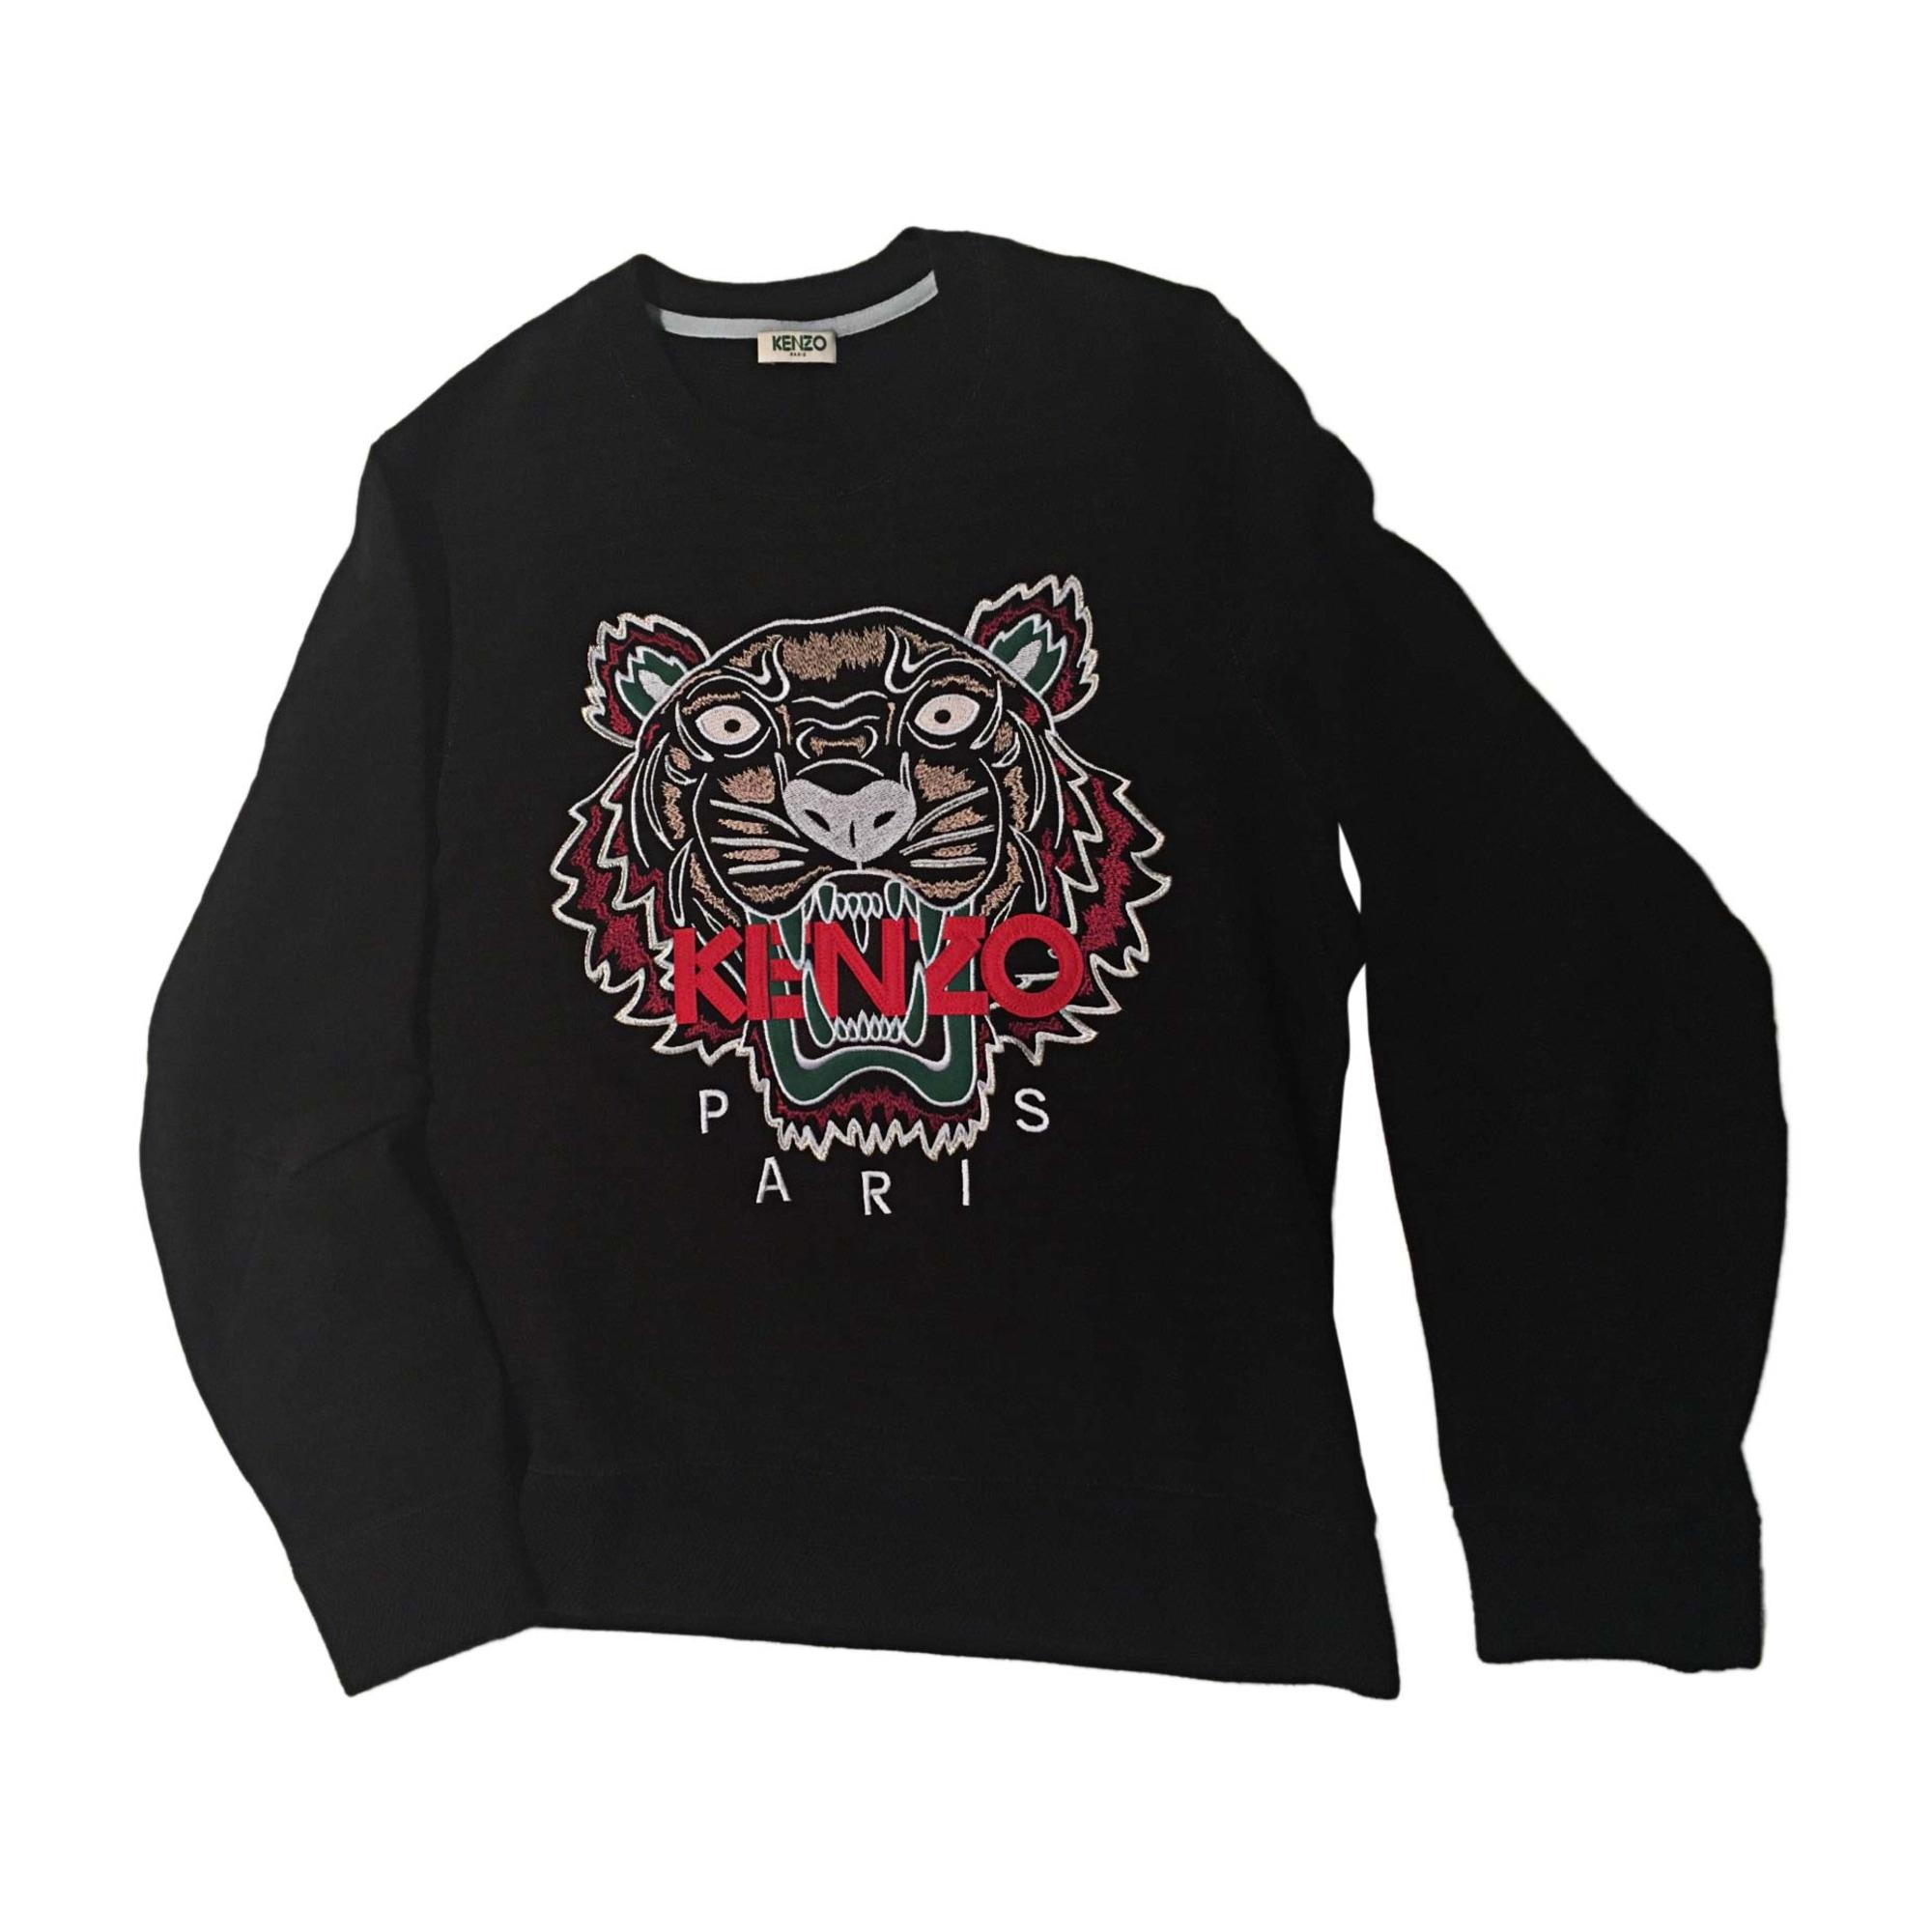 Sweat KENZO 2 (M) noir vendu par Paolo145679 - 7324281 41e74c15727